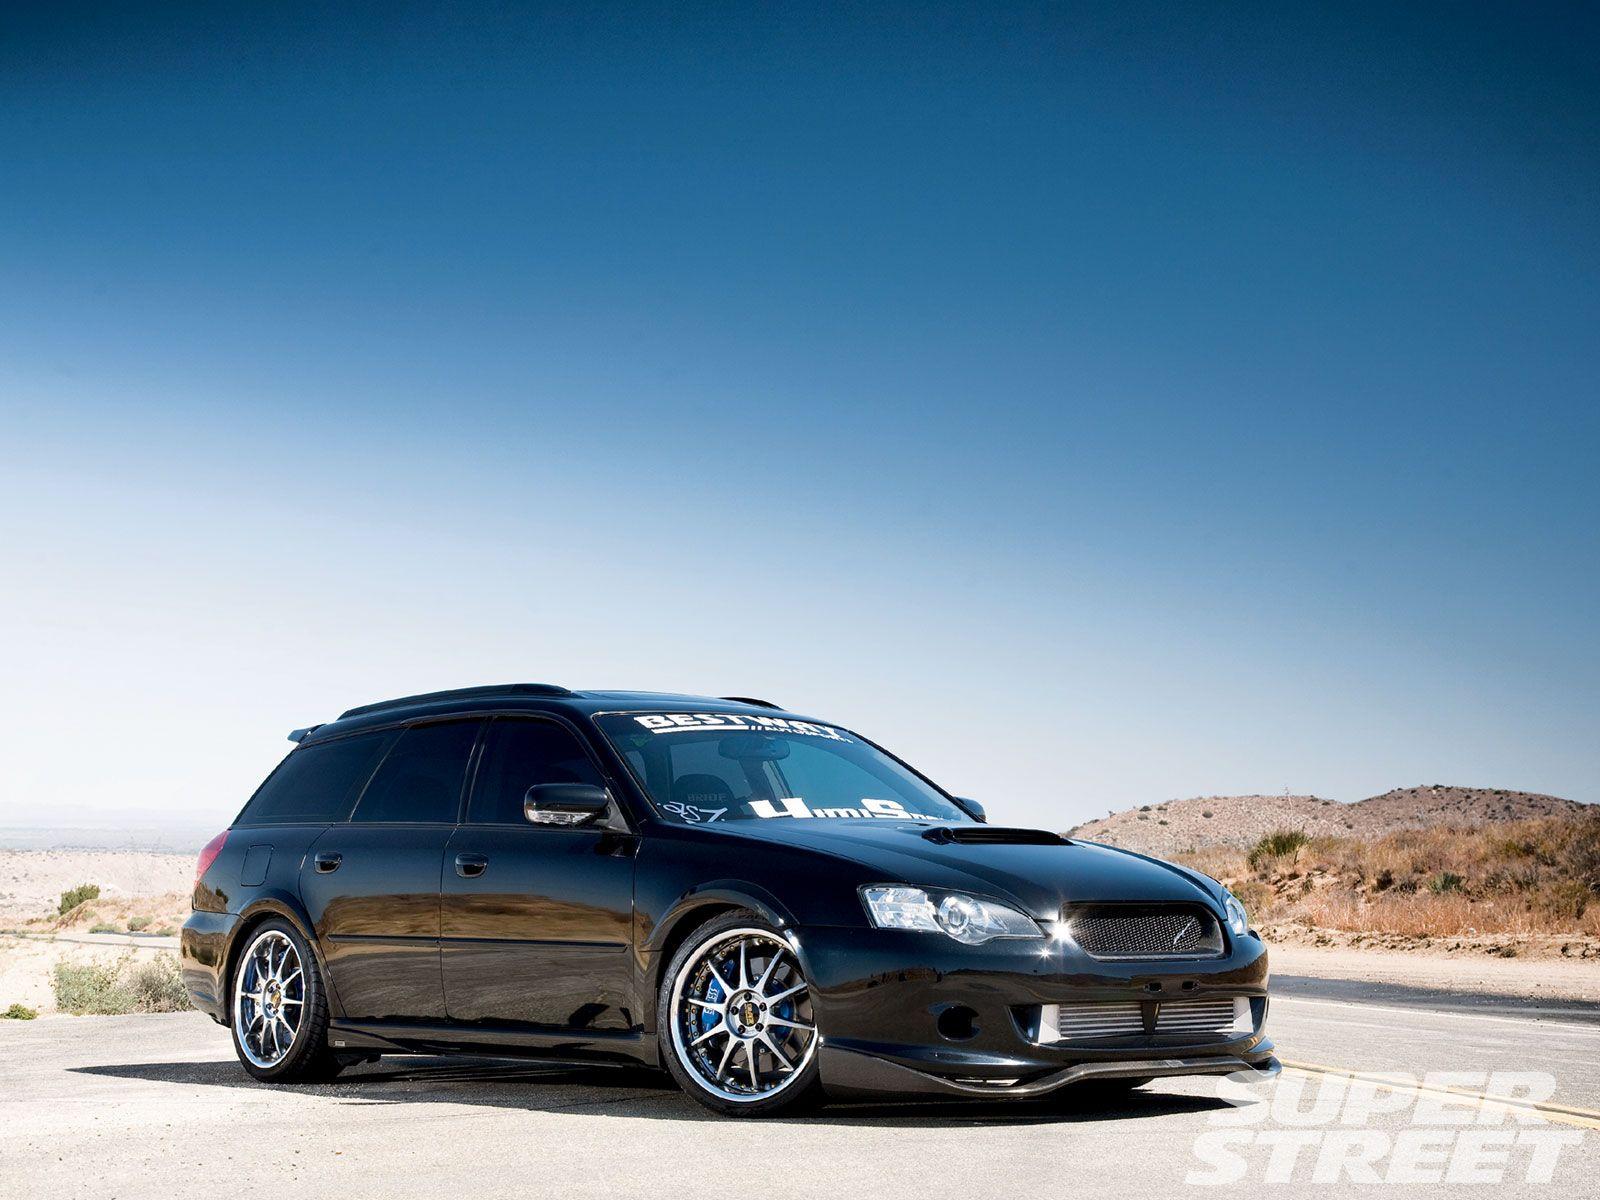 Modified Subaru Legacy TW in 2020 Subaru legacy gt